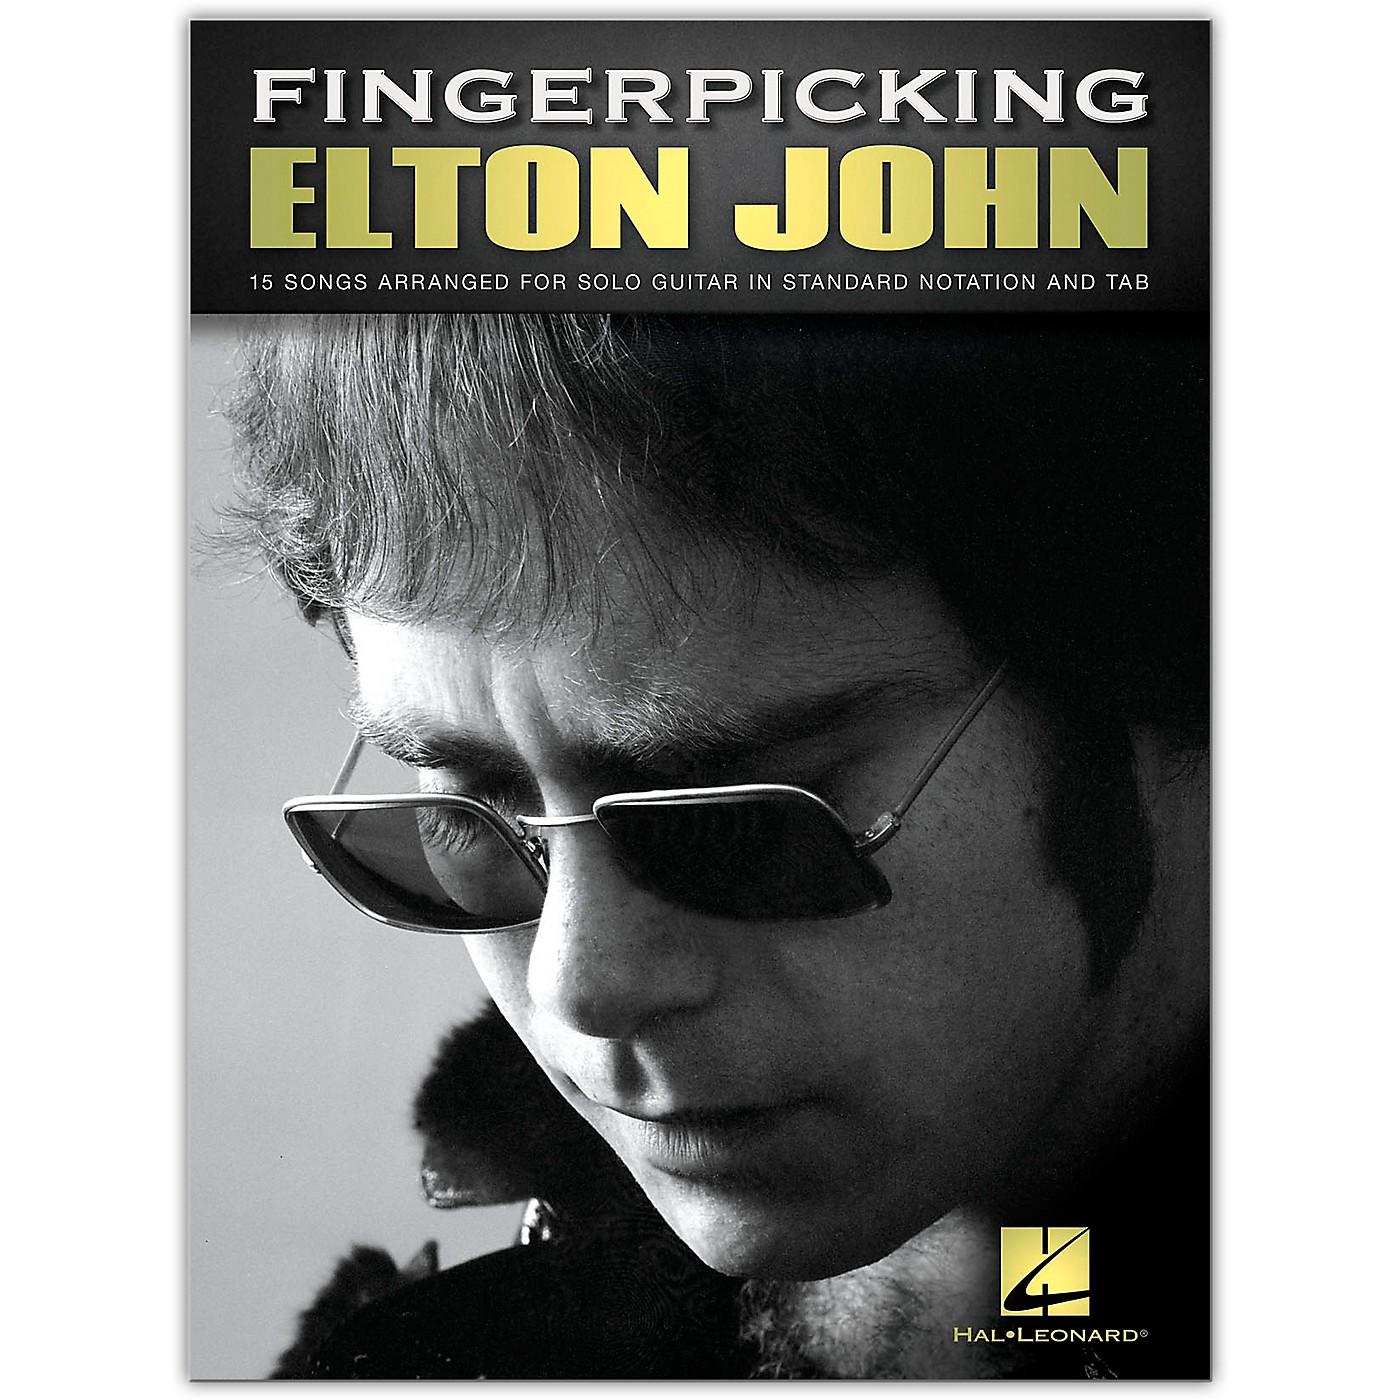 Hal Leonard Fingerpicking Elton John - 15 Songs Arranged for Solo Guitar thumbnail